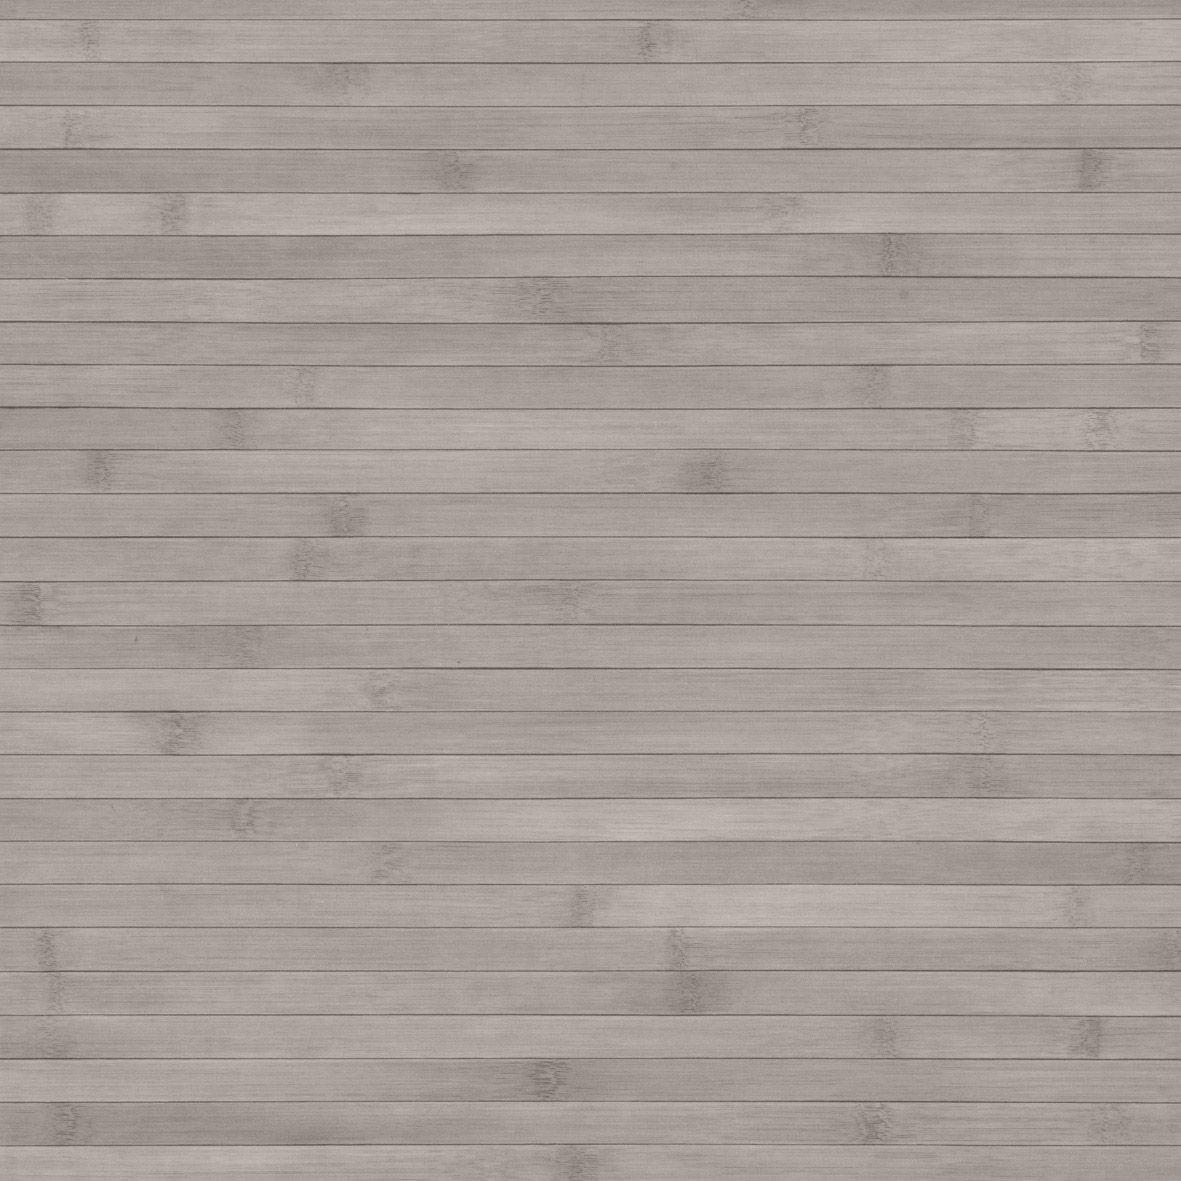 Sol Pvc Texline Bambou Gerflor 4 M Salle De Bain Material